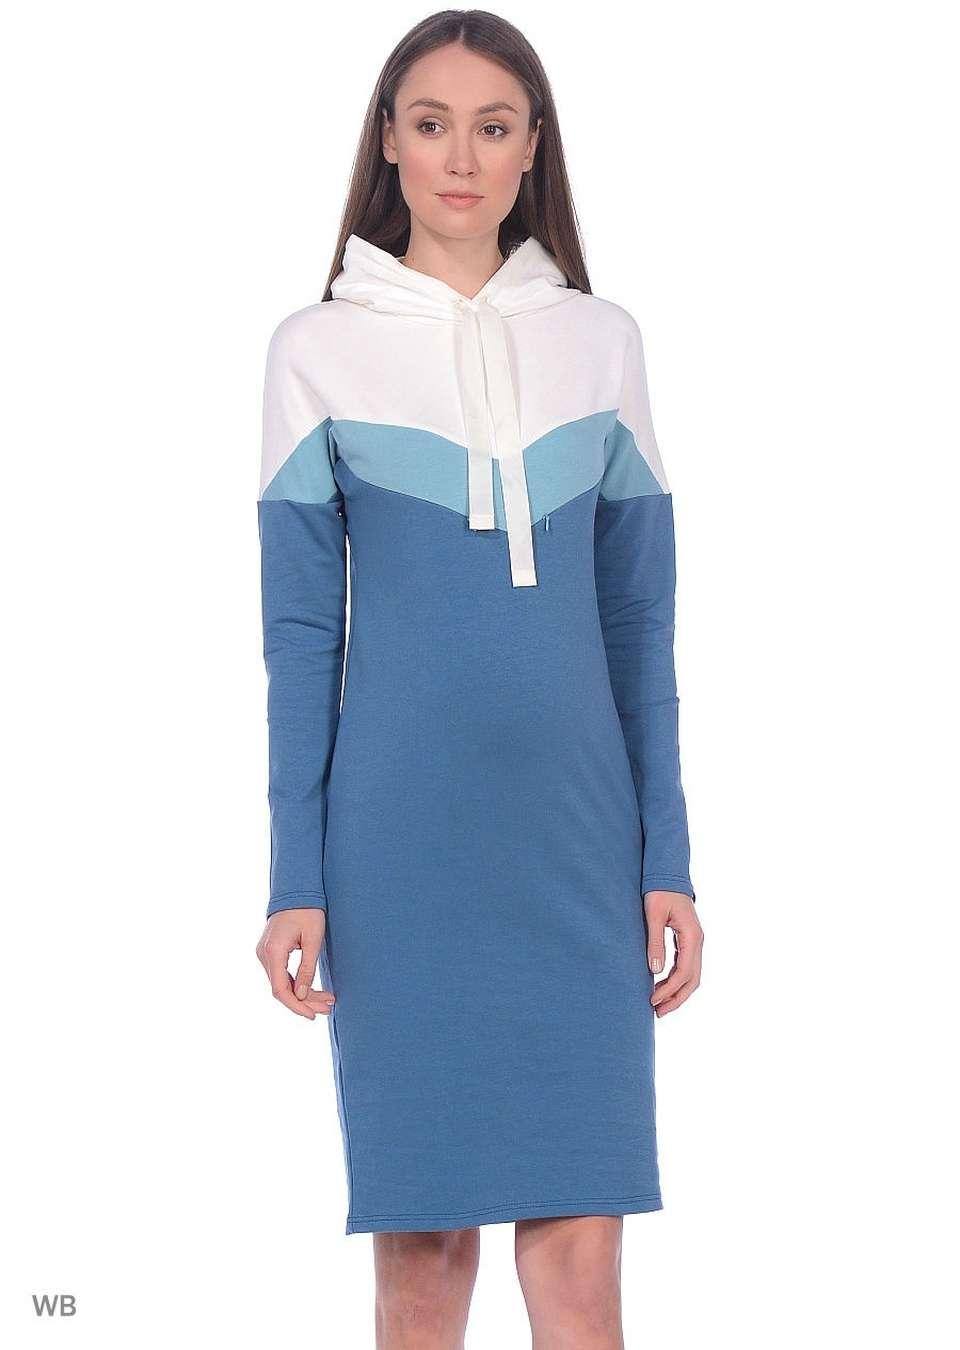 купить платье для беременных в екатеринбурге